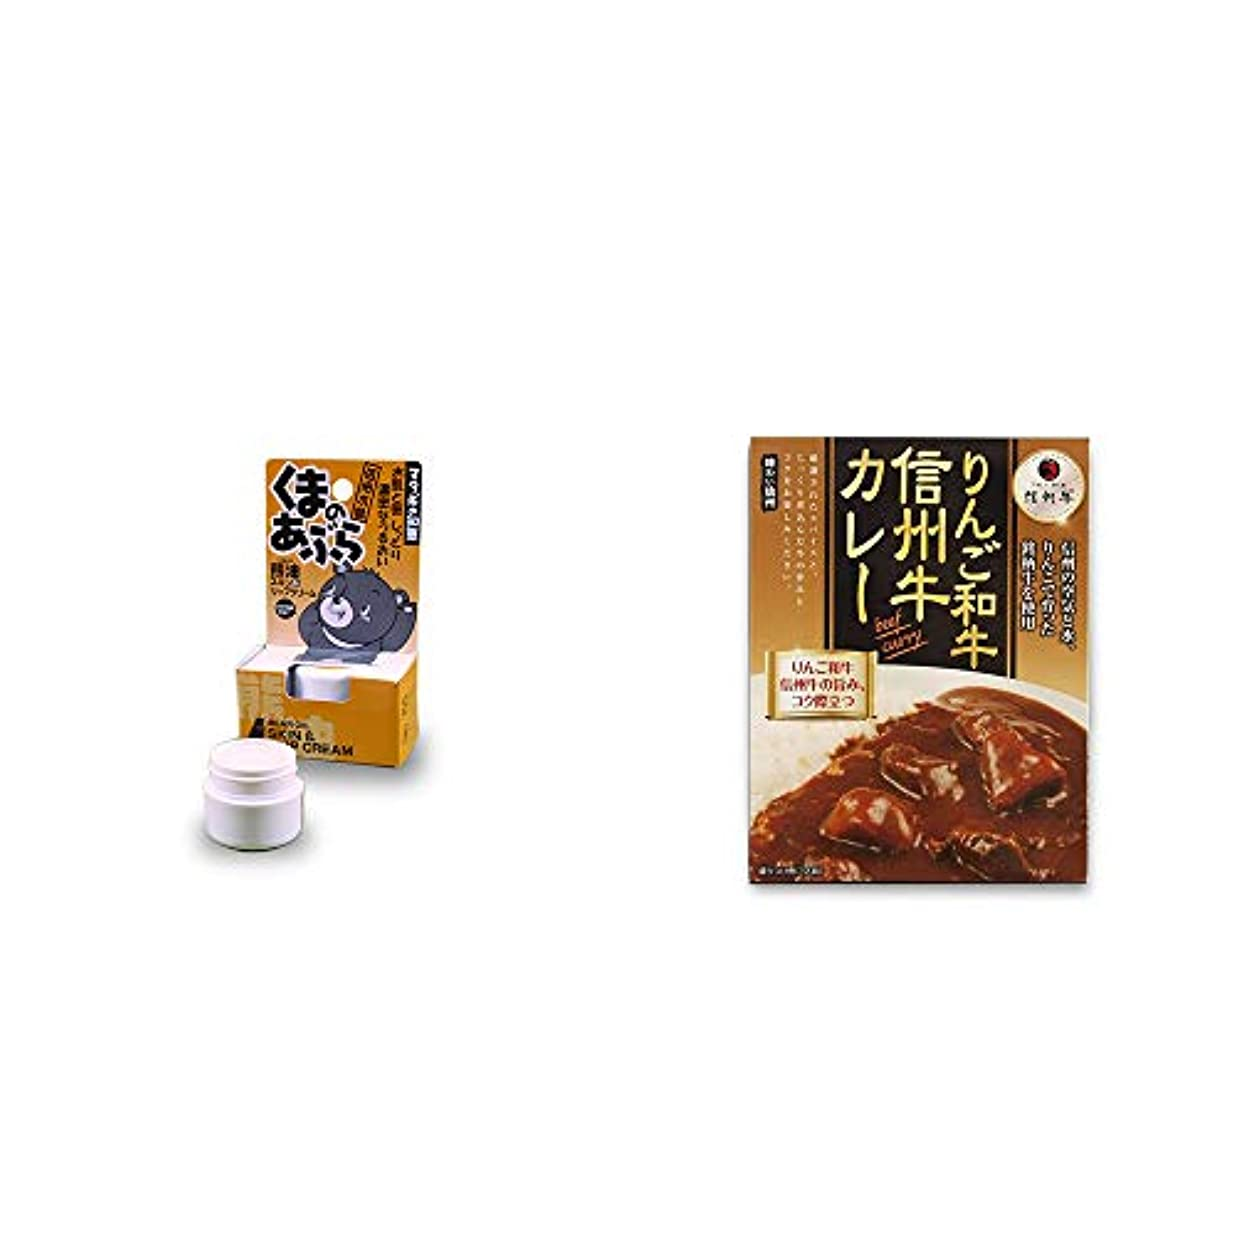 サワー落ち着く落胆する[2点セット] 信州木曽 くまのあぶら 熊油スキン&リップクリーム(9g)?りんご和牛 信州牛カレー(1食分)